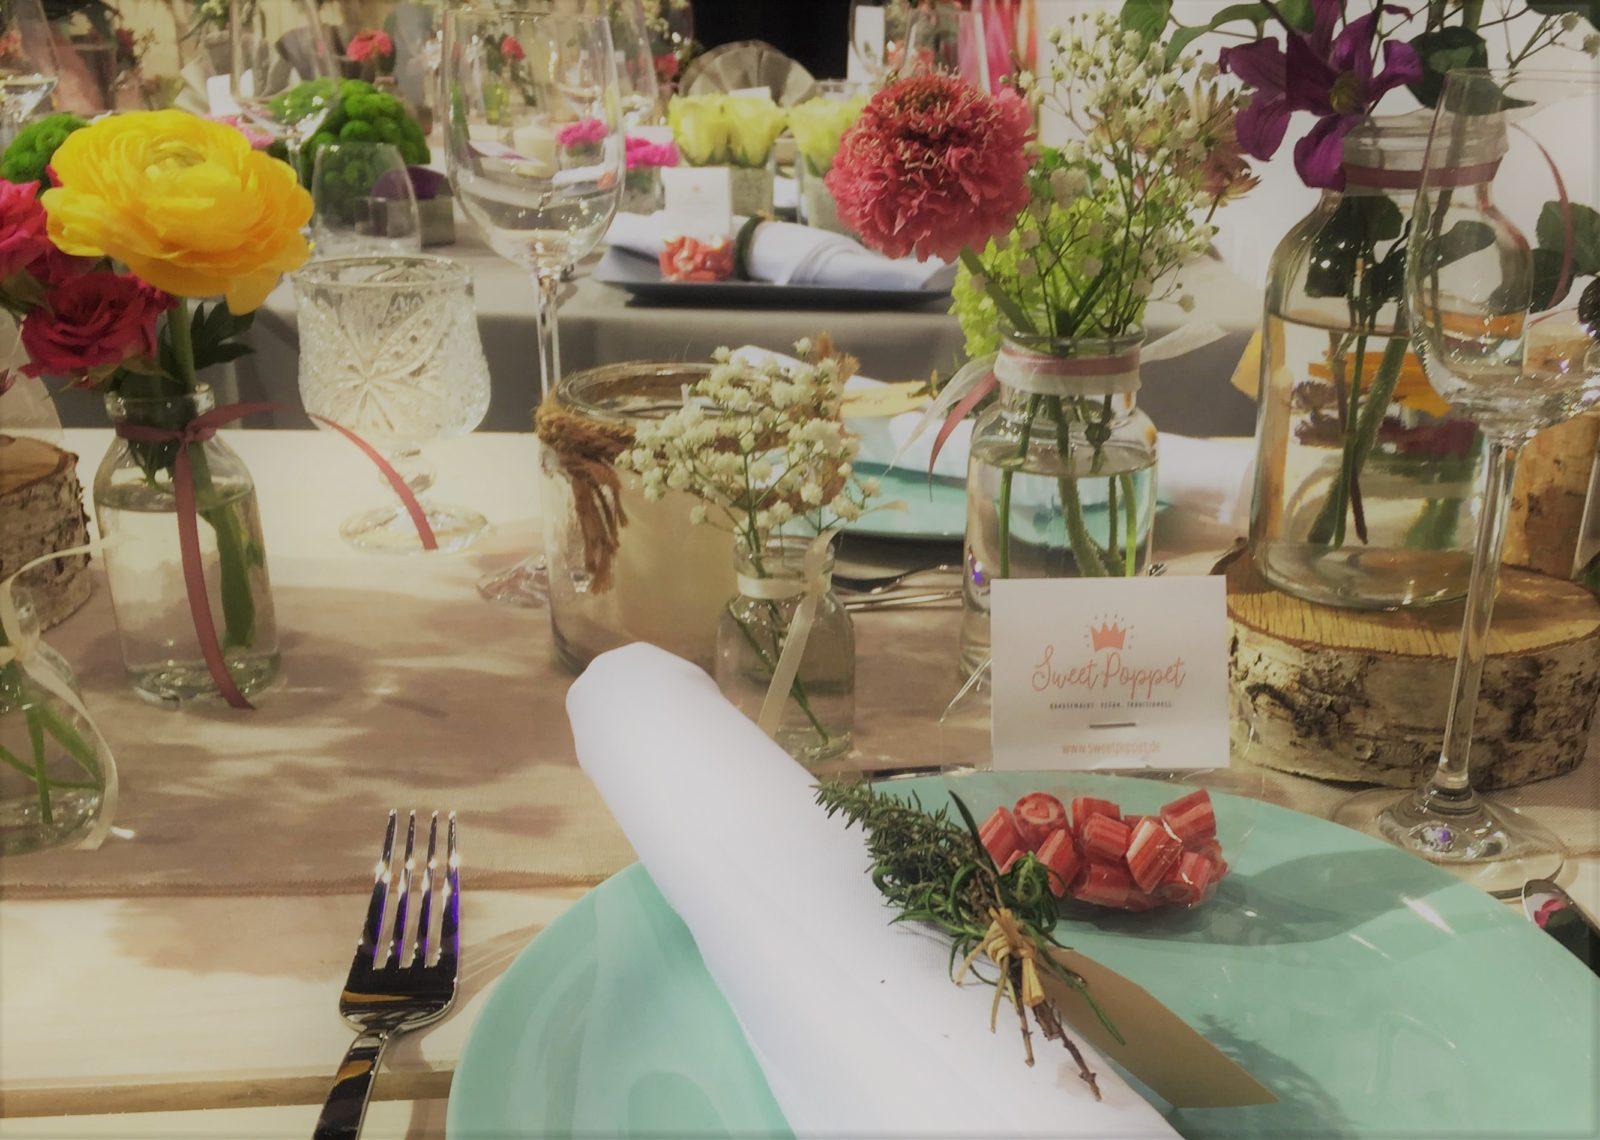 Sweet Poppet Bonbons als Gastgeschenk auf einer Hochzeitstafel